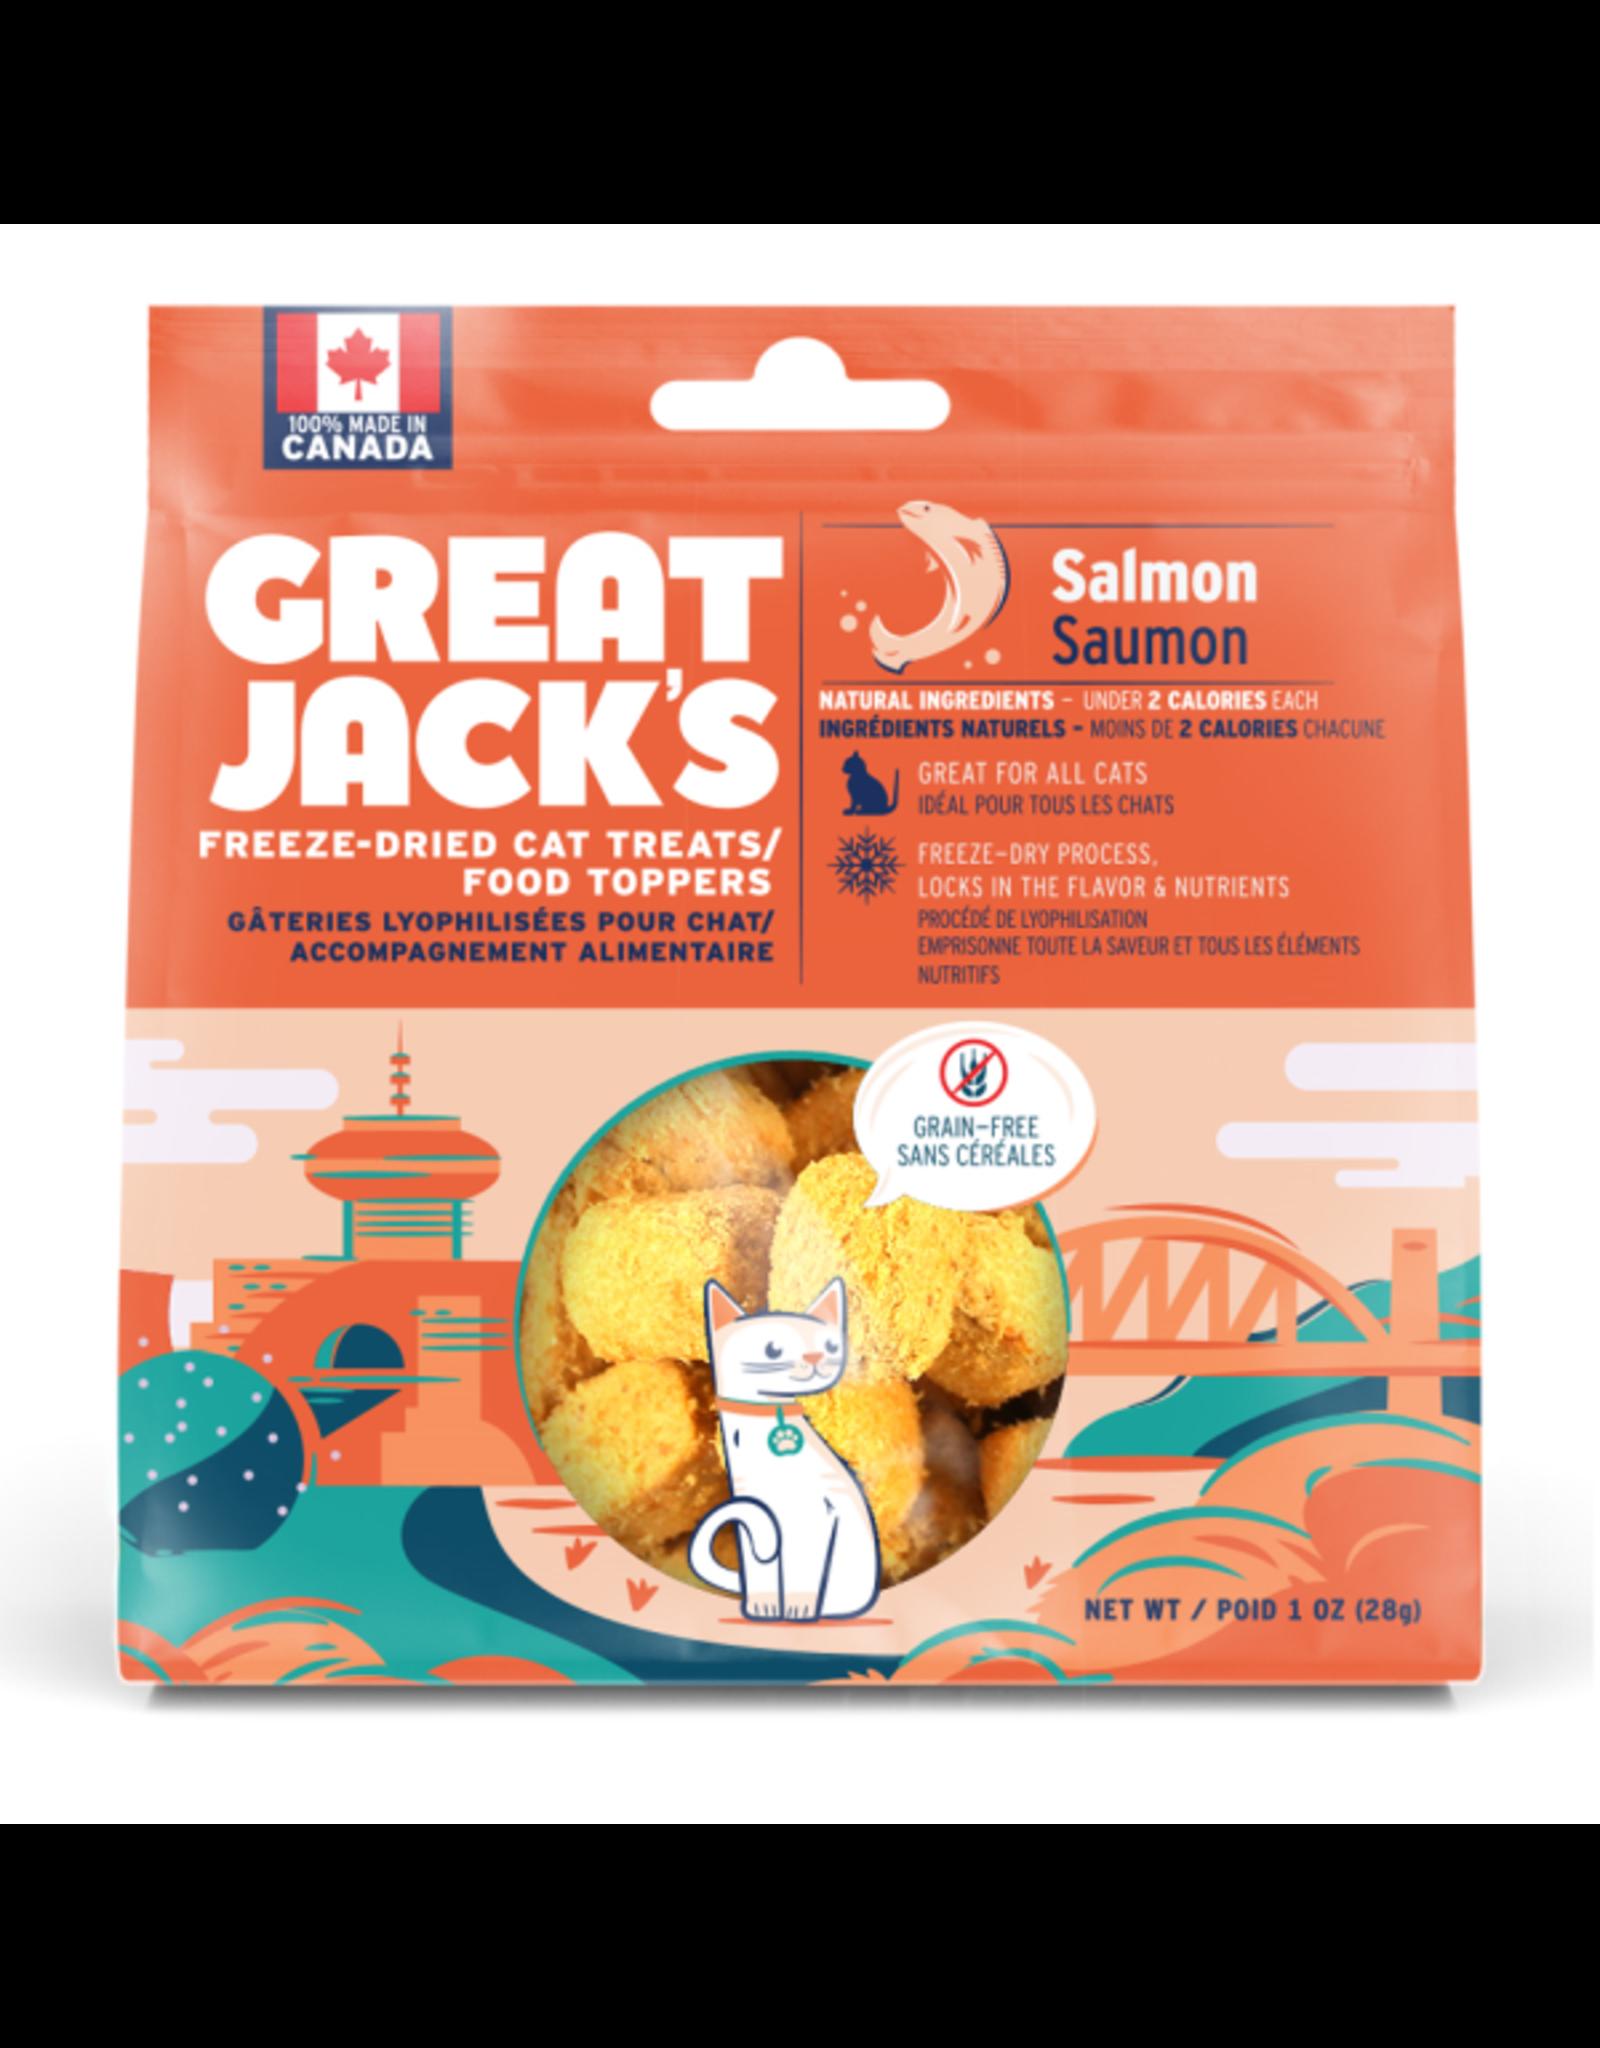 Canadian Jerky Co. Ltd Great Jack's Cat FD Treats/Topper 28g